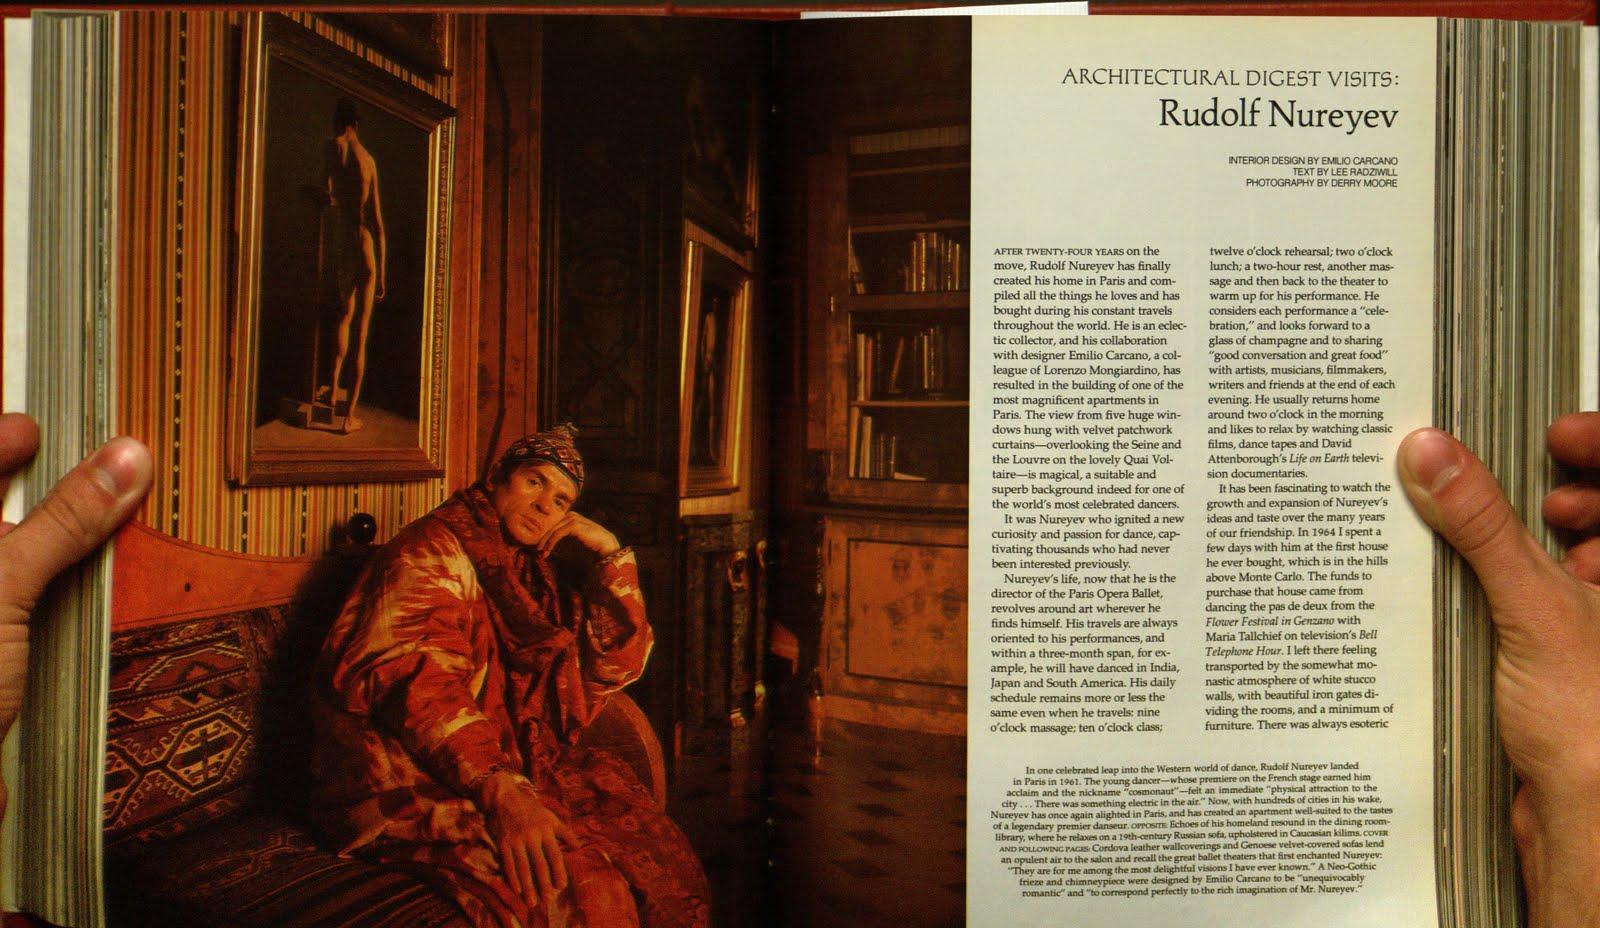 nurryev apartement paris 1986.b.jpg